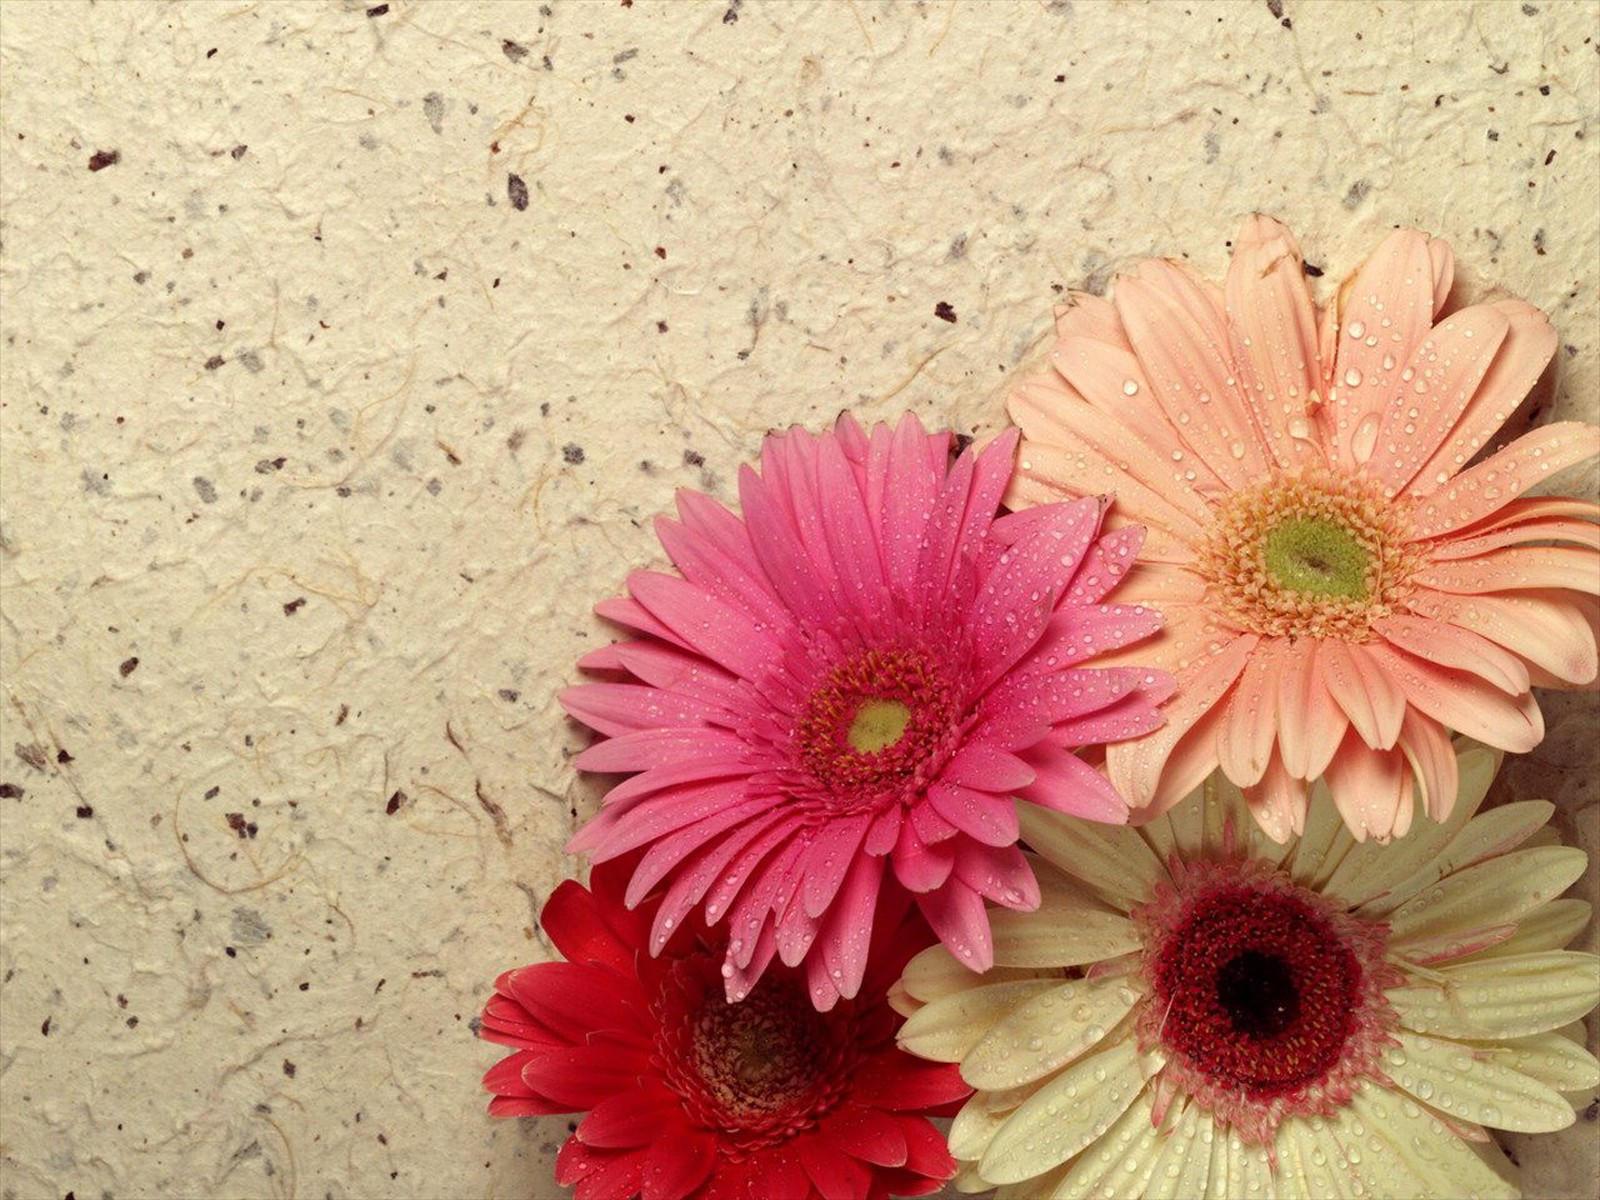 С днем рождения открытки цветы герберы, днем